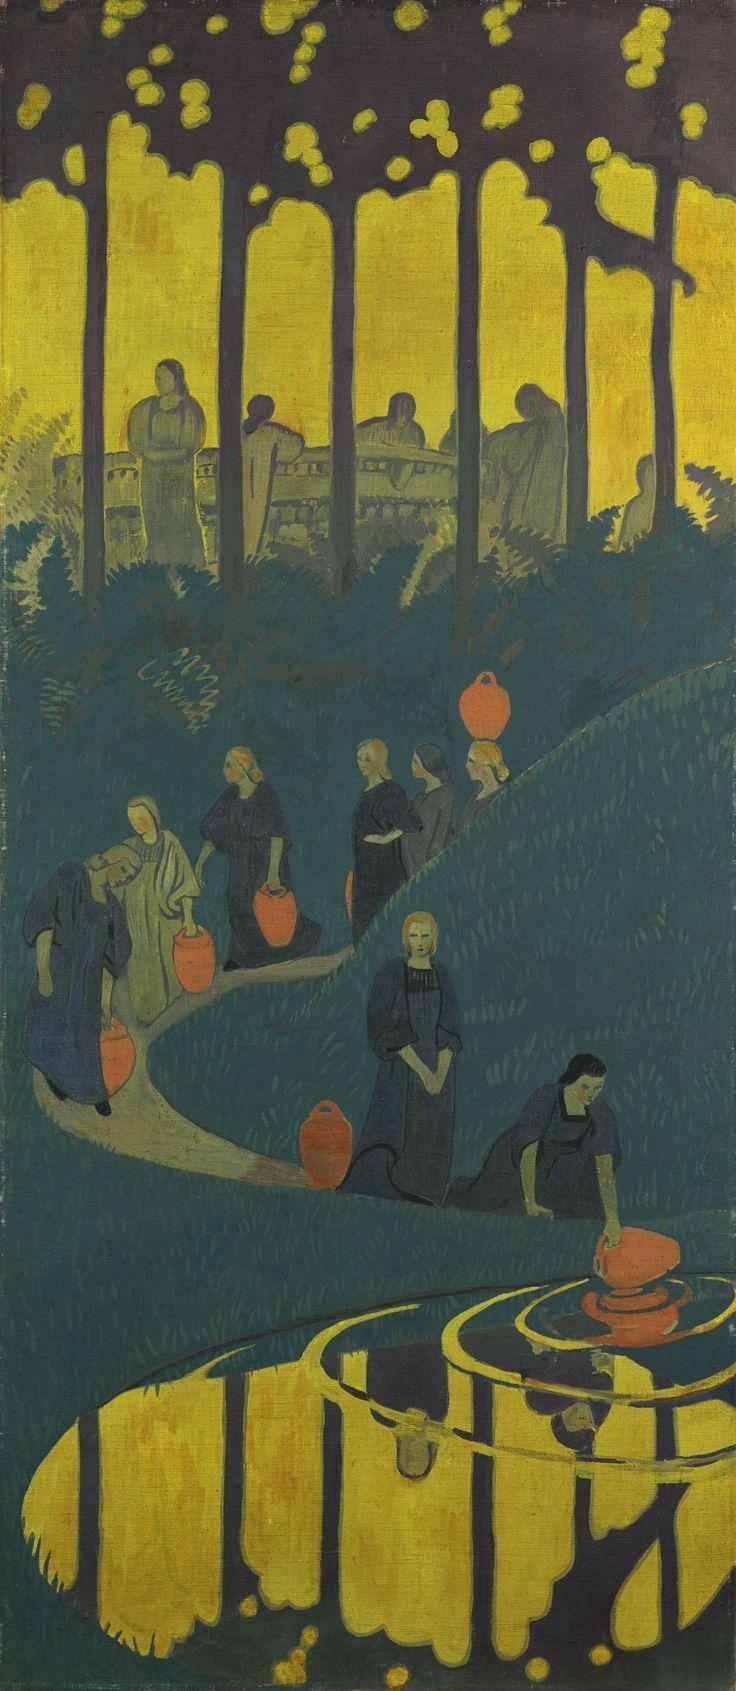 Color art nantes - Paul S Rusier 1864 1927 Les Dana Des Or Femmes La Source Oil On Canvas 130 8 Impressionistcolor Artoil